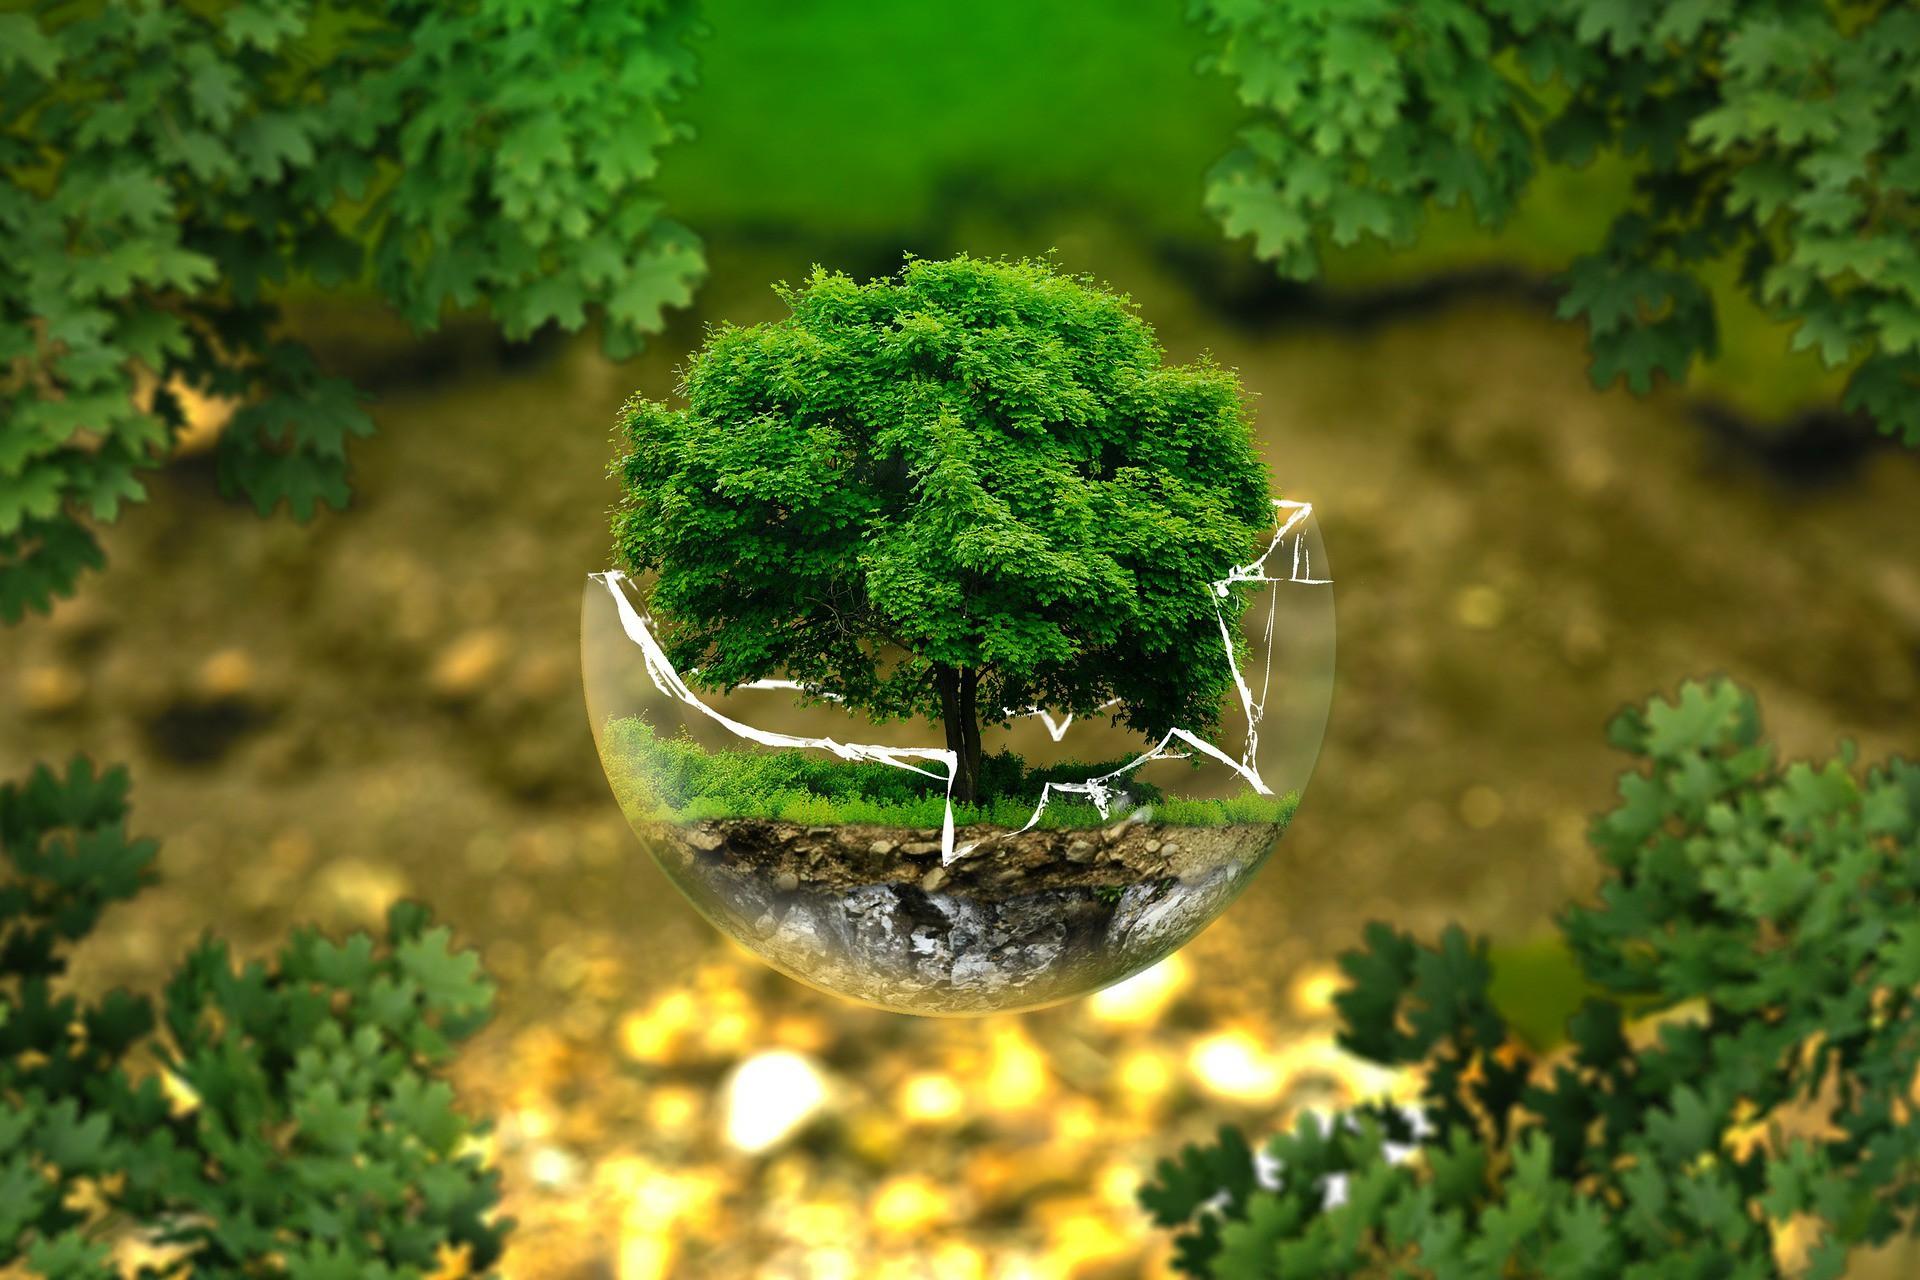 australia stromy vysadba klimaticke zmeny globalne oteplovanie